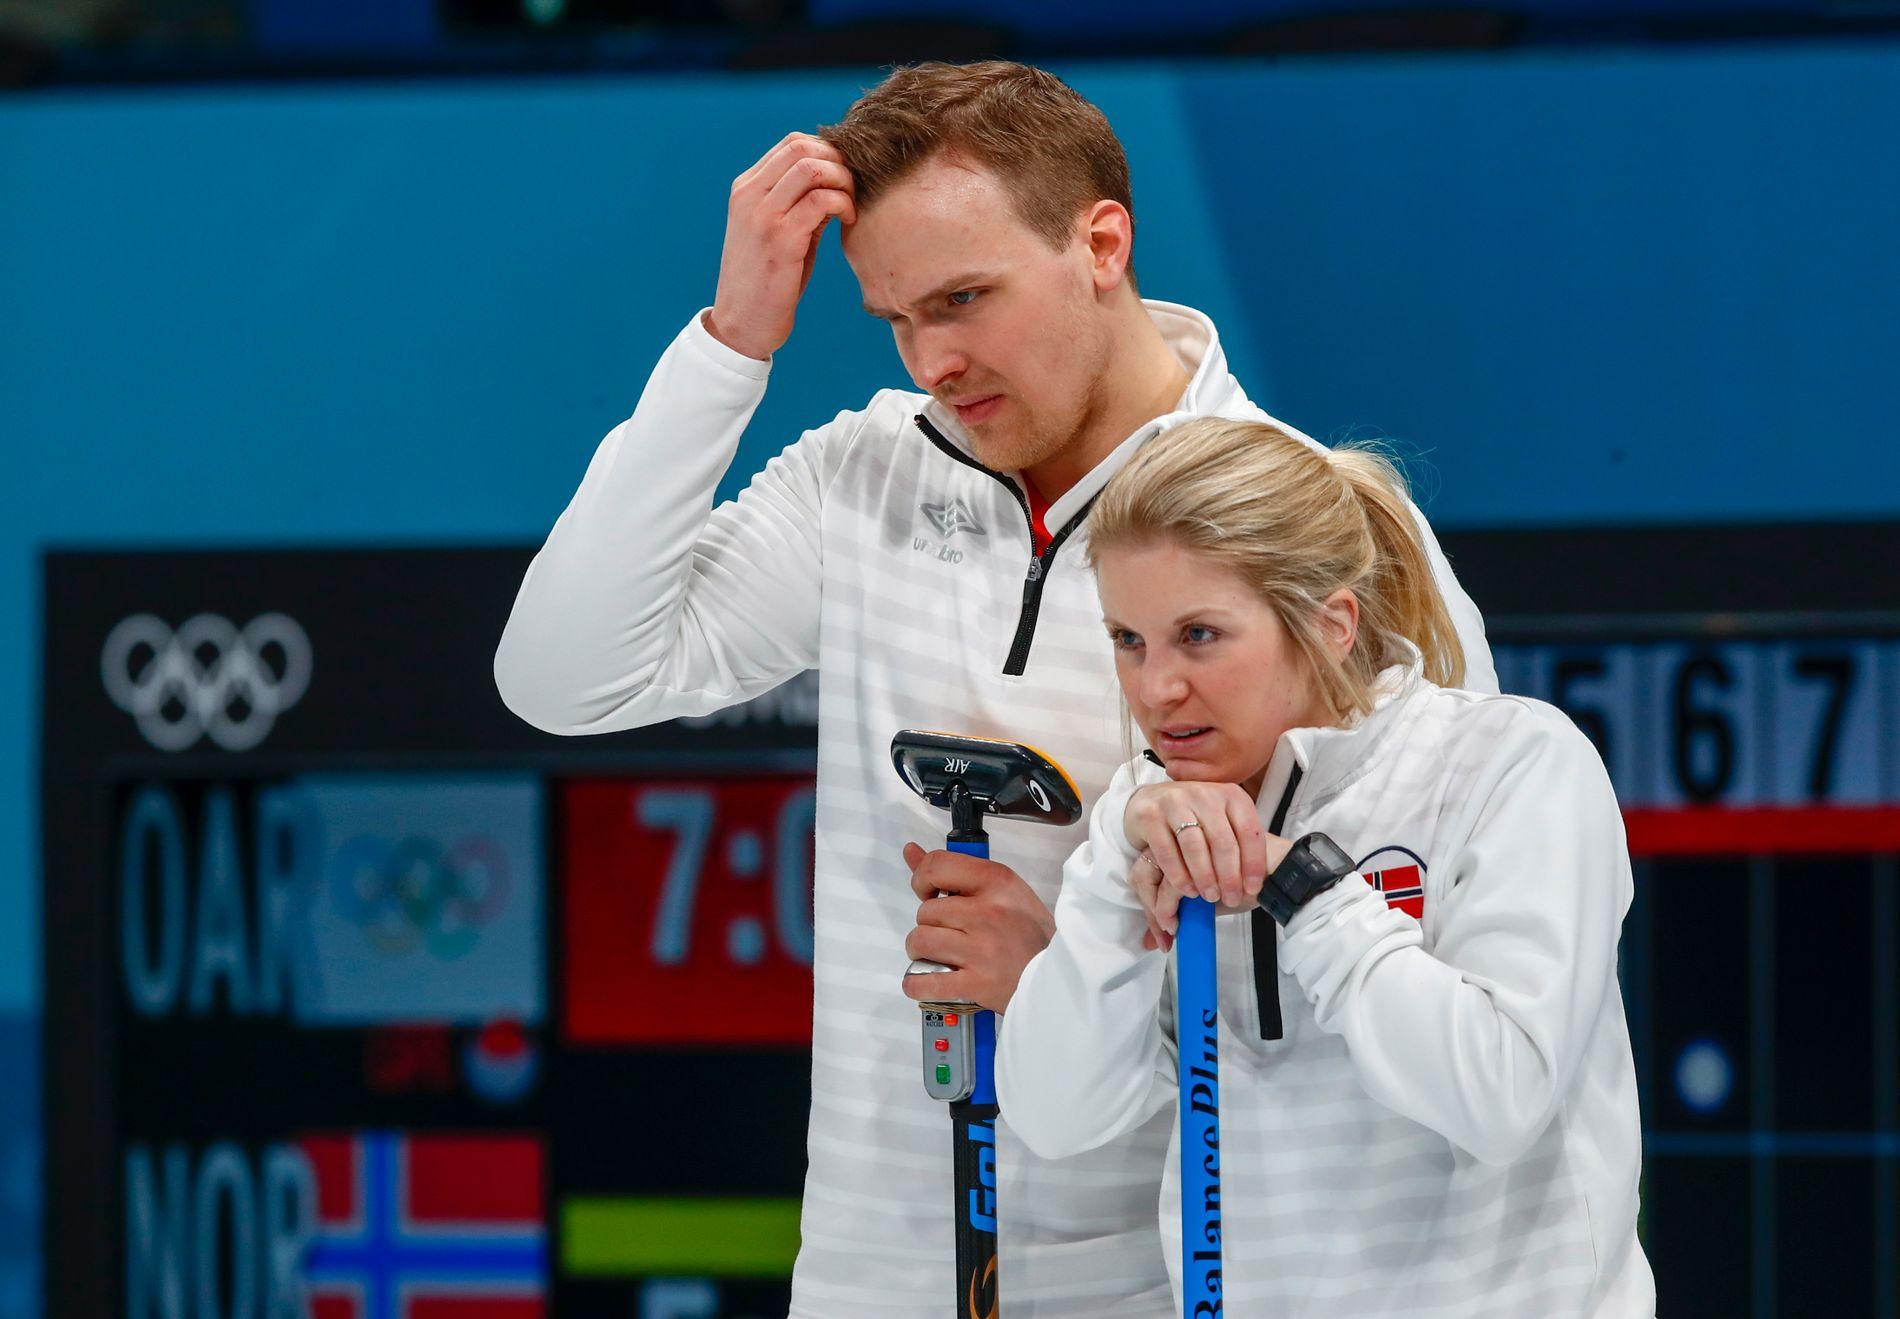 TILBAKE: Magnus Nedregotten og Kristin Moen Skaslien tapte bronsefinalen mot Russland, men etter kampen har det blitt kjent at Aleksander Krusjelnitskij var dopet. Nå reiser paret